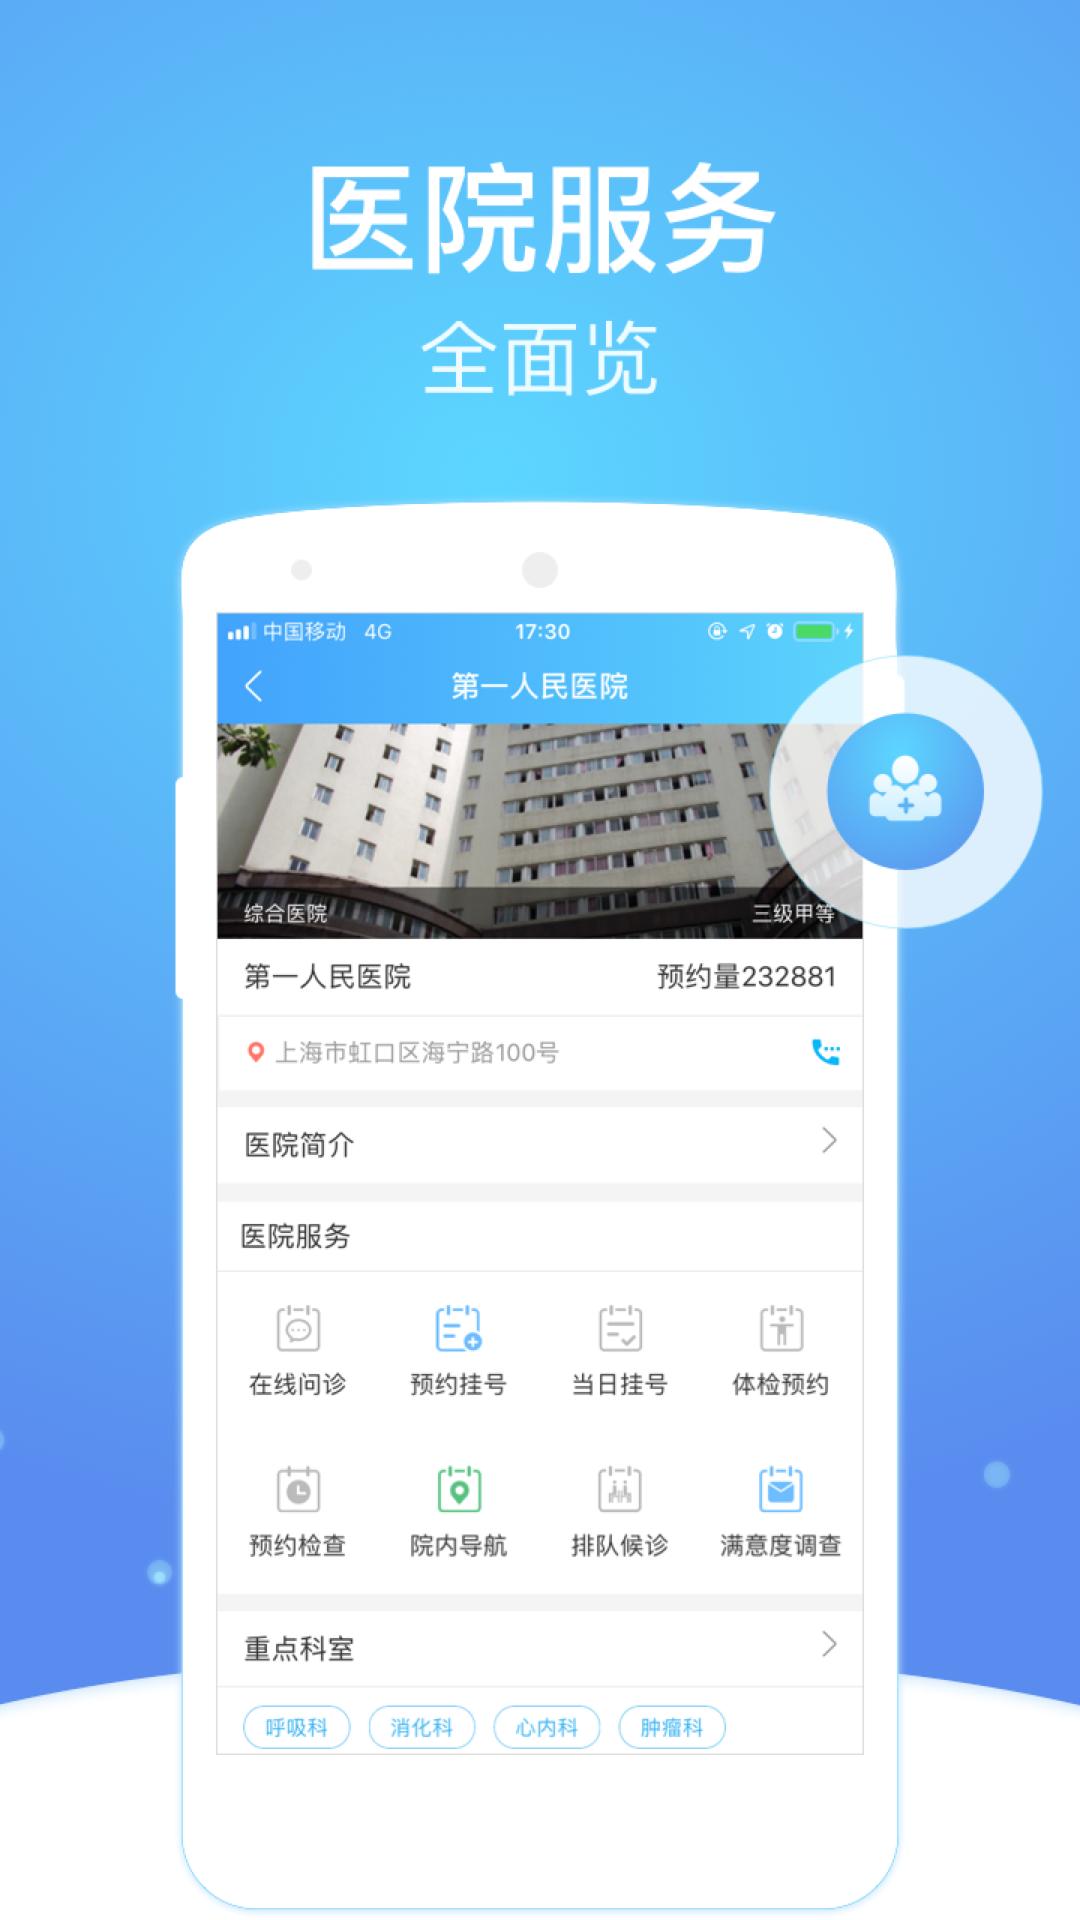 上海市互联网总医院(1)